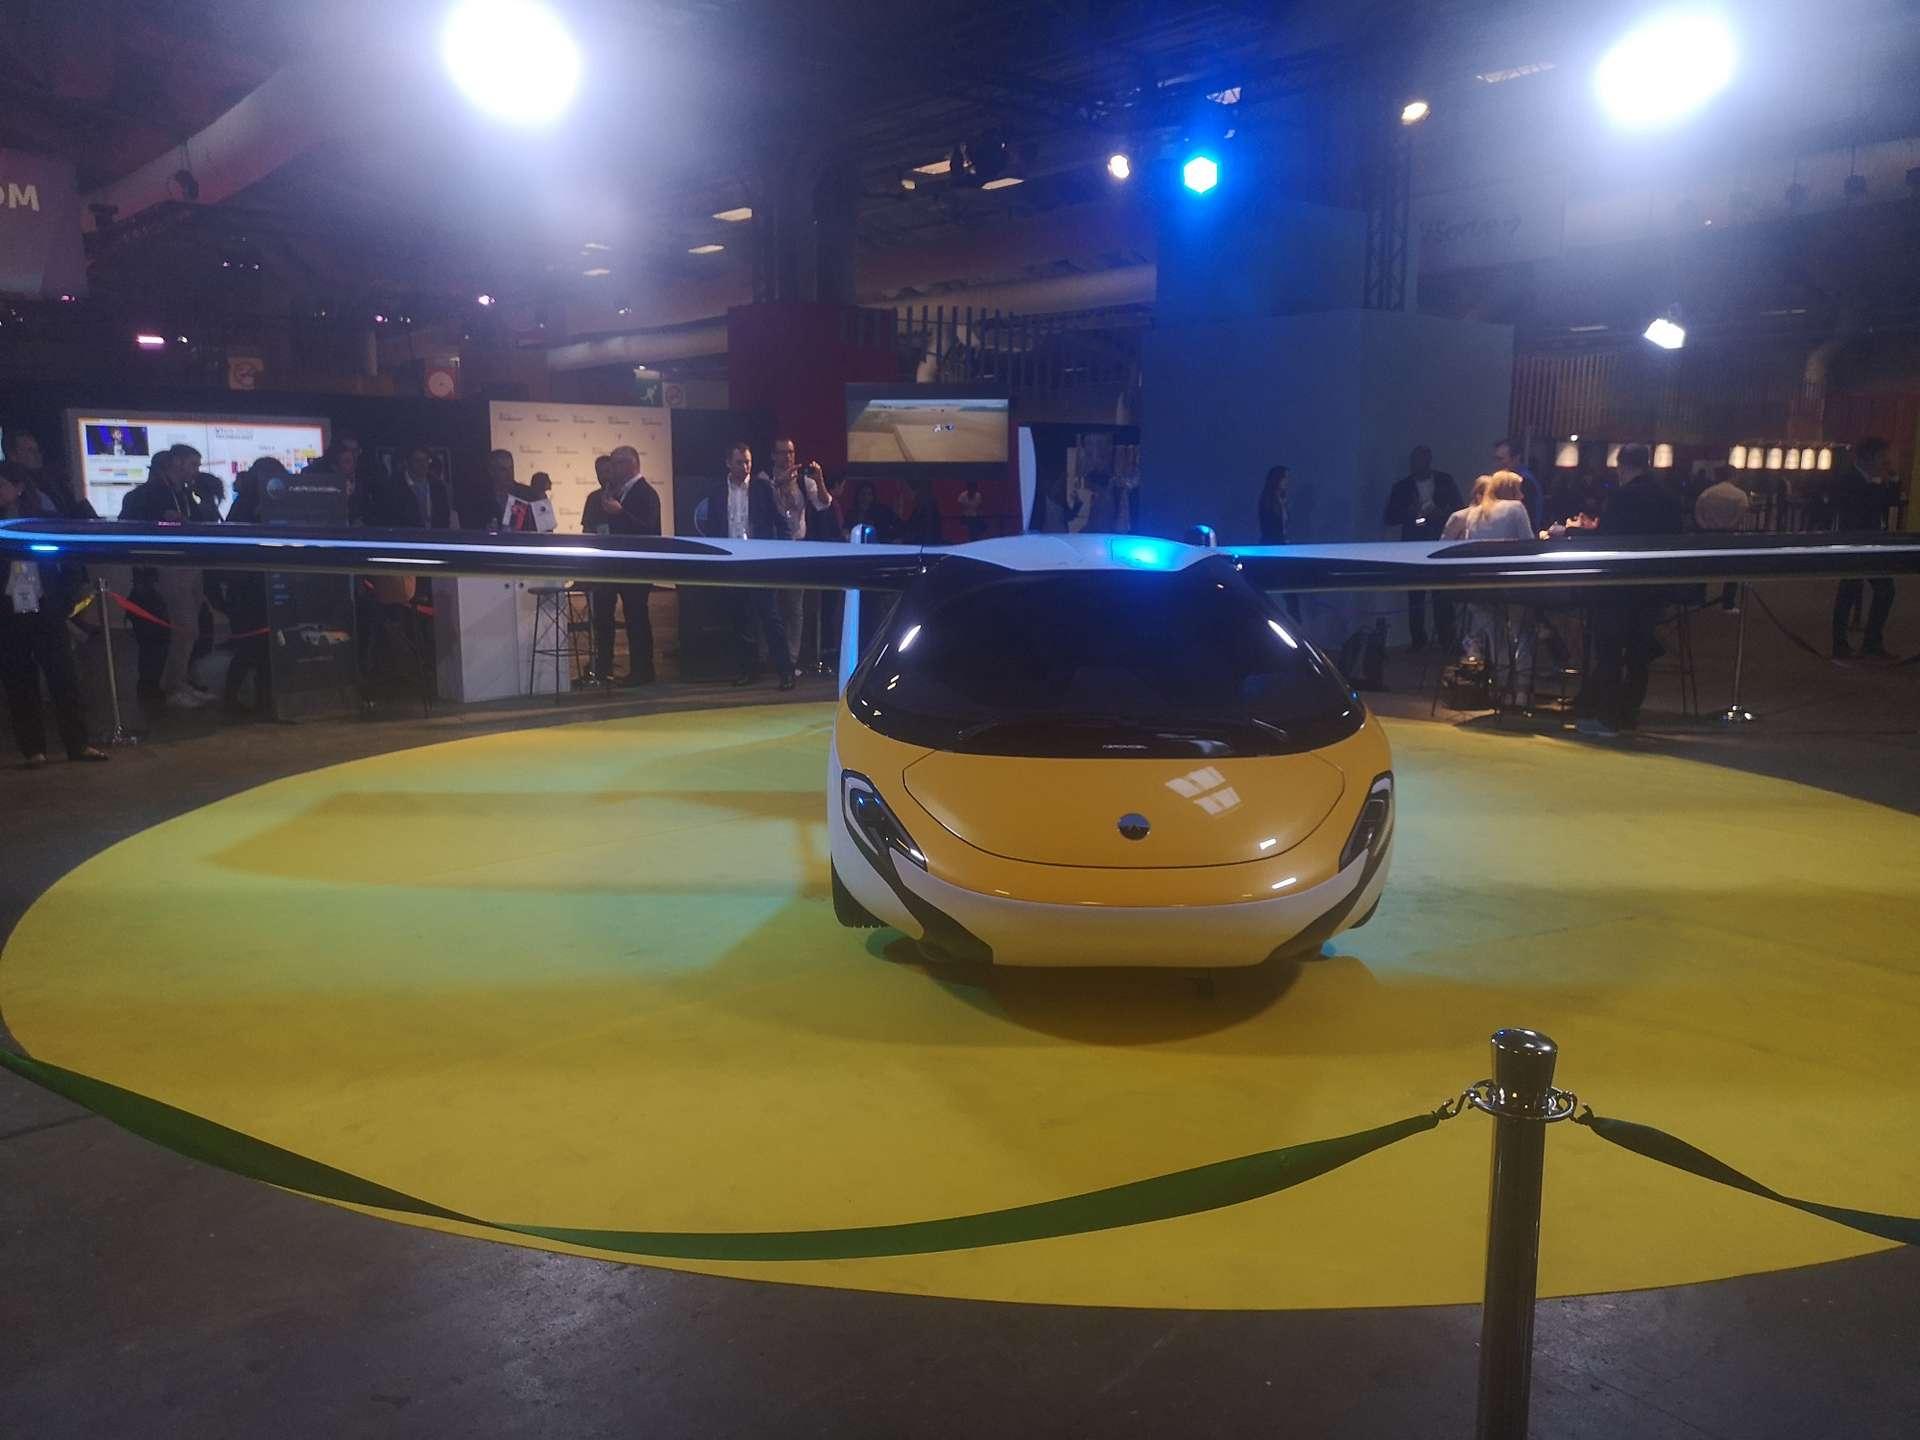 La voiture volante AeroMobil est un engin convertible équipé de roues et d'ailes repliables. © Futura